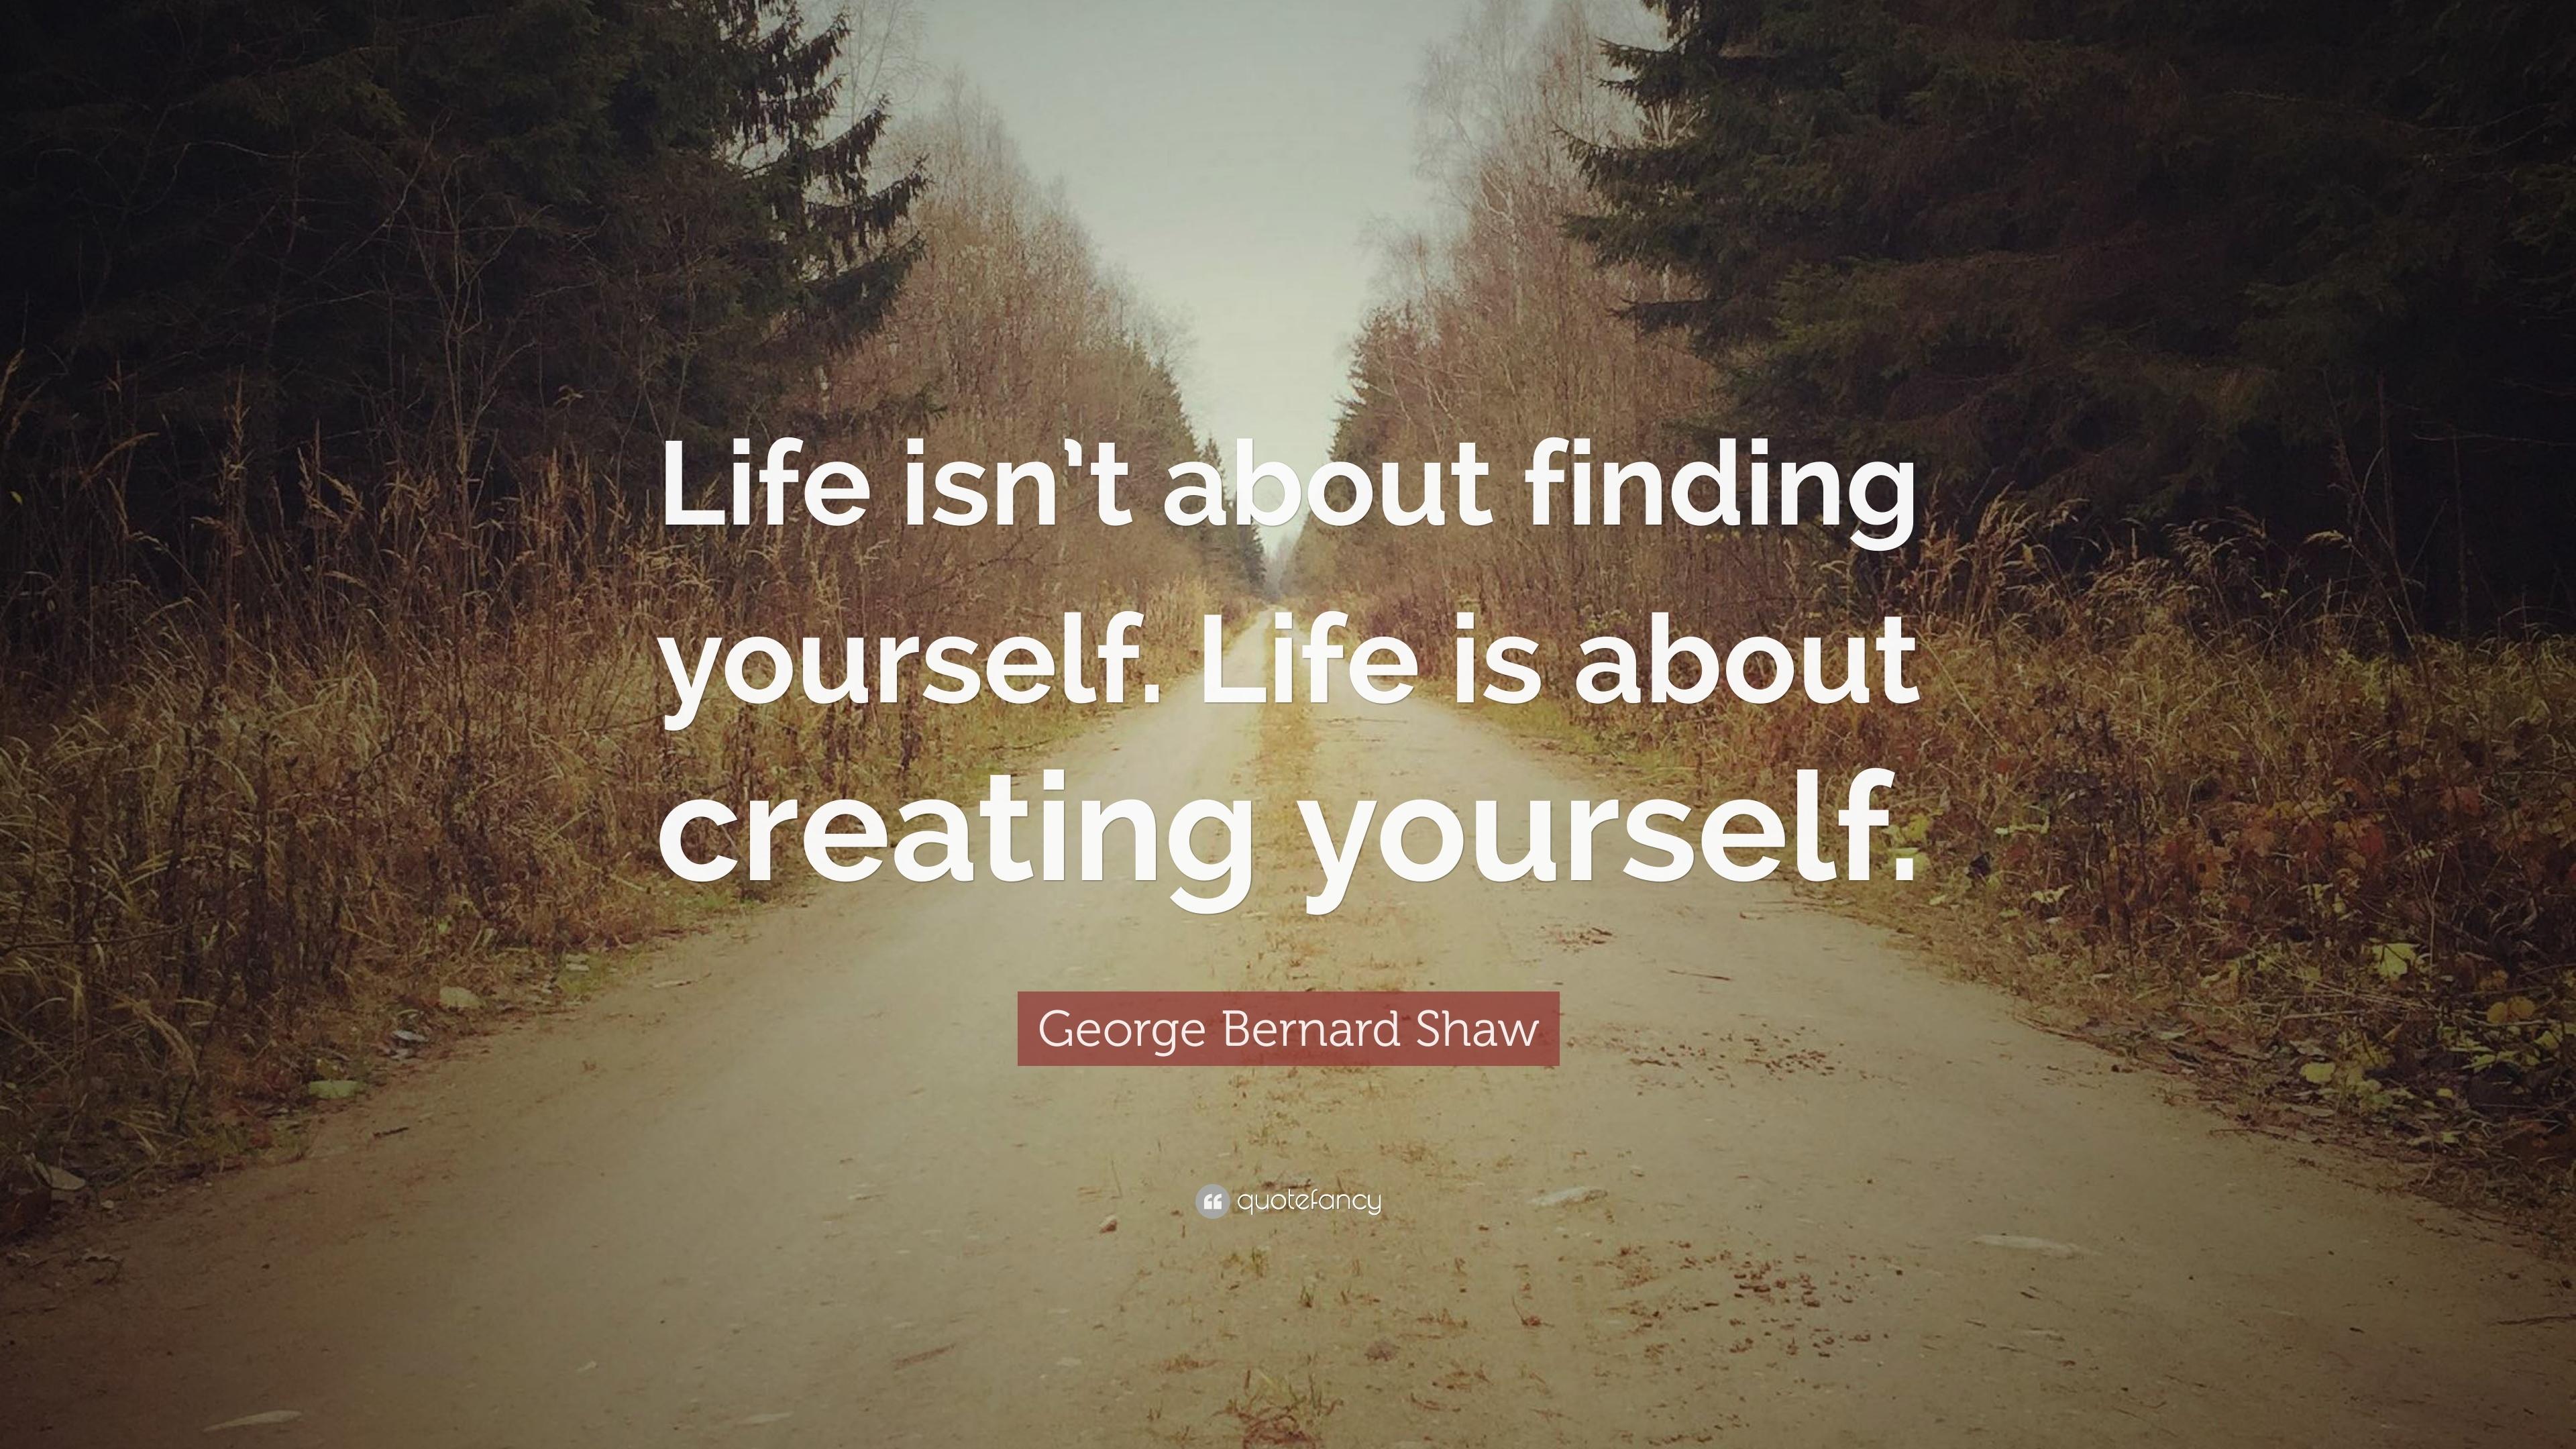 喬治·伯納德·肖關于人生的勵志名言,教師的真正本領,是不是你想忘記,希望帶領讀者欣賞優雅英文,藝術壁紙-回車桌面